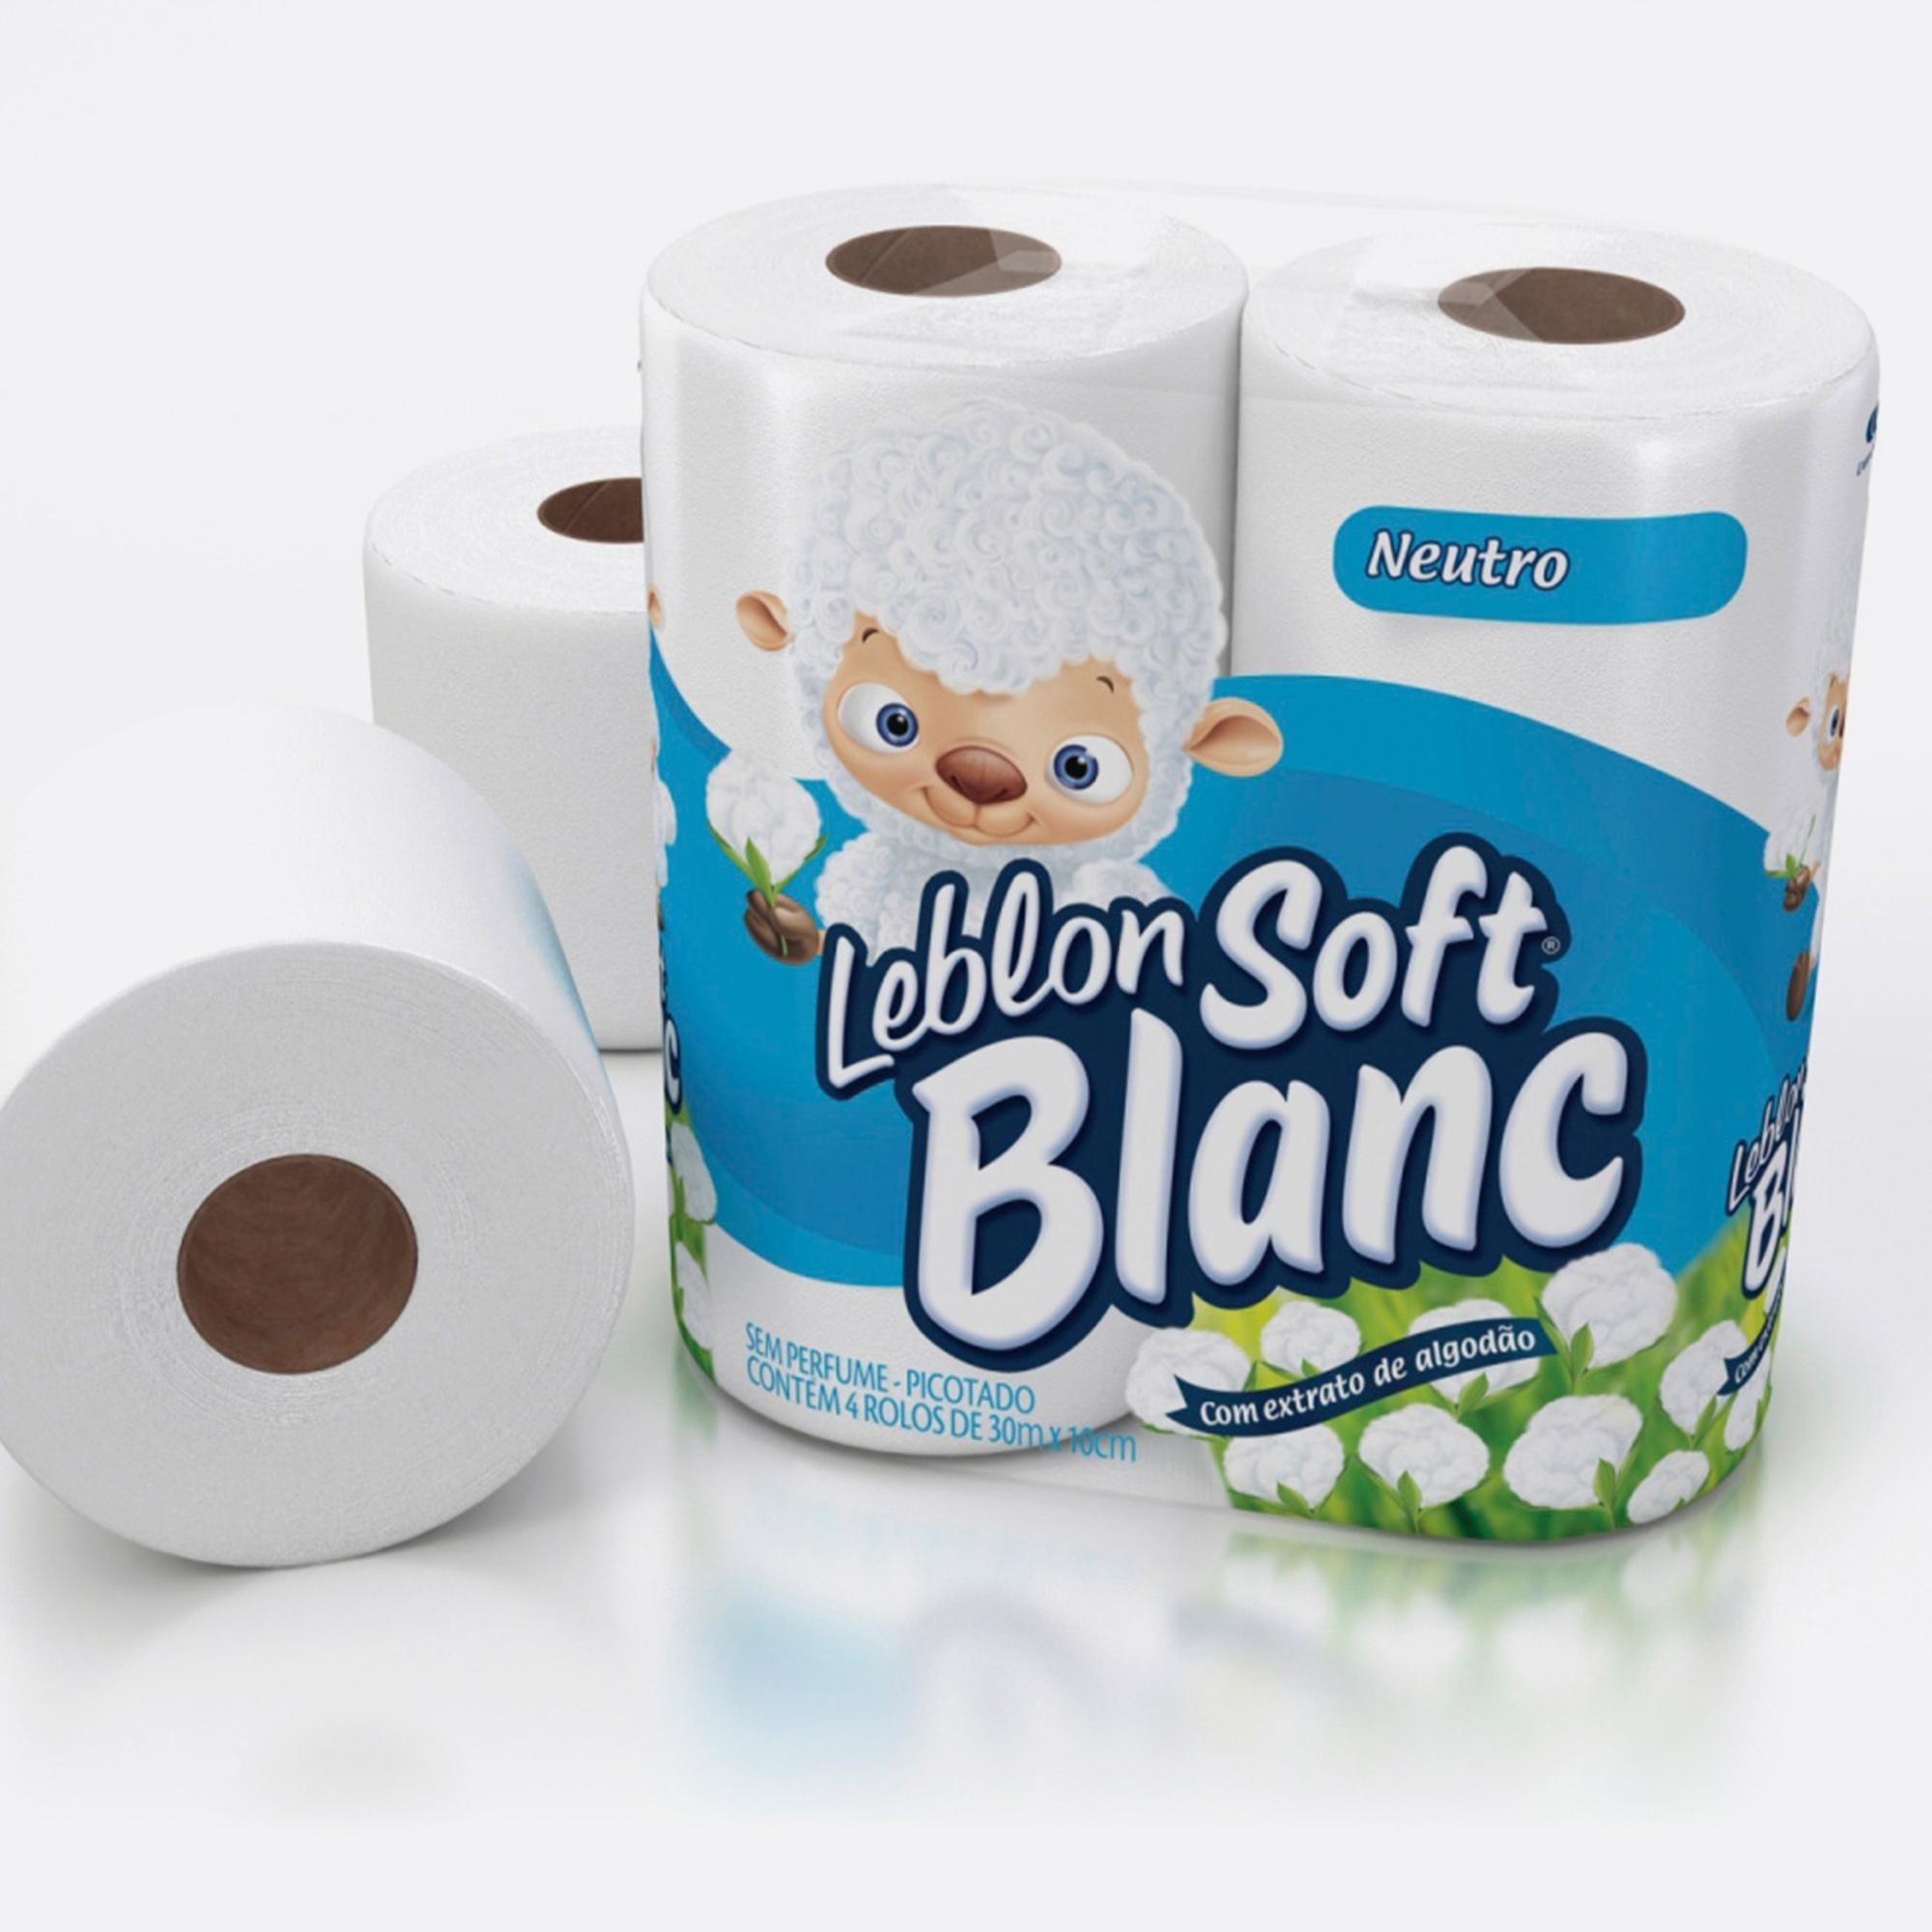 Desenvolvimento do mockup 3D digital, packshot das embalagem do papel higiênico Leblon Soft Blanc para o Grupo Carta Fabril